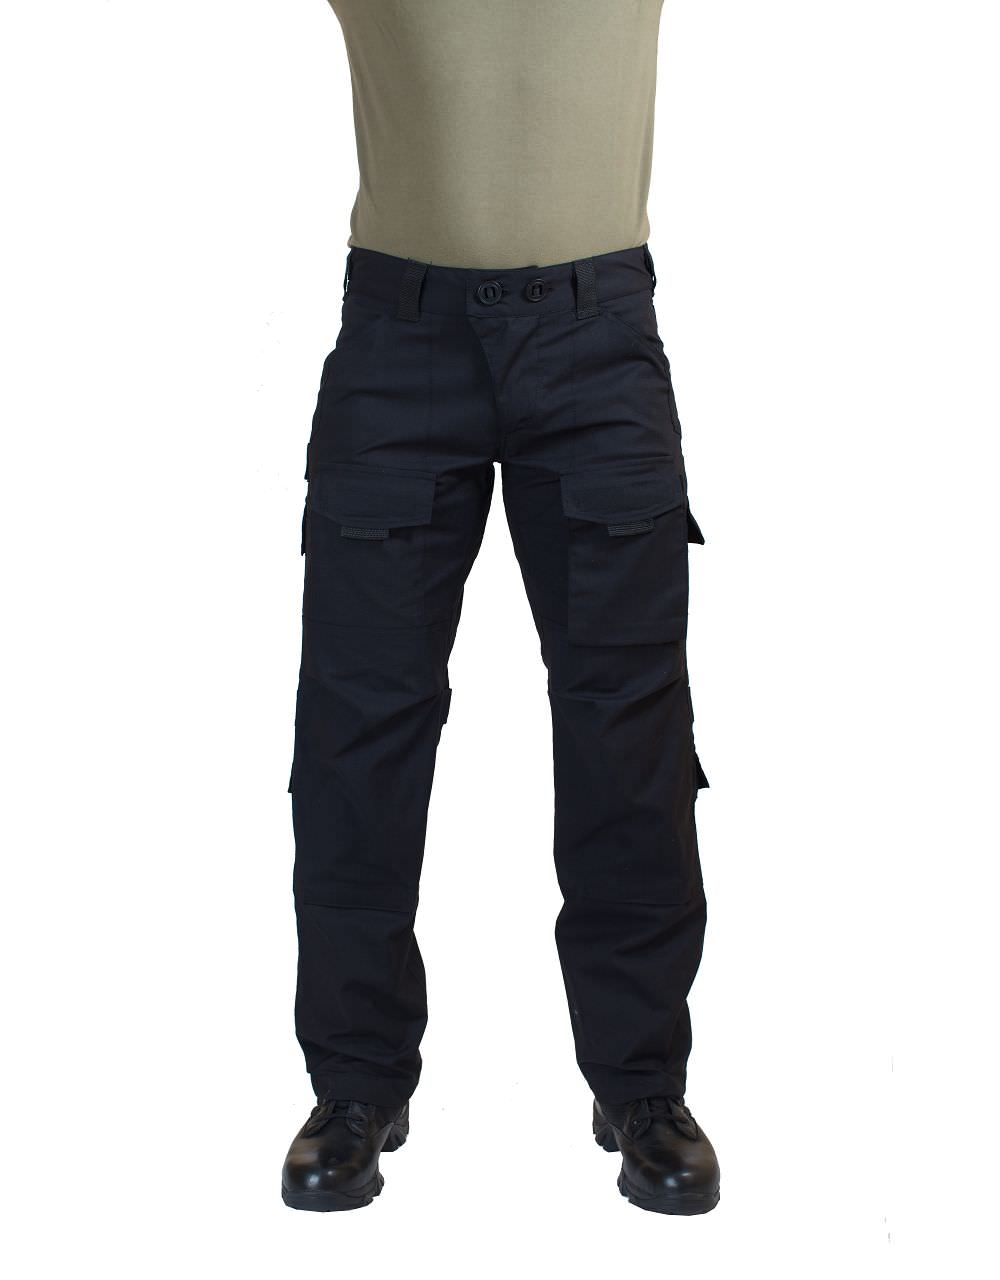 Брюки МПА-56 тактические (рип-стоп, черный), Брюки неутепленные<br>Достоинством брюк МПА-56 является их впечатляющая <br>многофункциональность. Имеется большое <br>количество карманов, система Molle и усилительные <br>накладки в зоне шва сидения. Благодаря анатомическому <br>крою вам беспечена максимальная свобоа <br>движений.. ХАРАКТЕРИСТИКИ ДЛЯ ЖАРКОЙ ПОГОДЫ <br>ДЛЯ ИНТЕНСИВНЫХ НАГРУЗОК ДЛЯ АКТИВНОГО <br>ОТДЫХА ДЛЯ ВОЕННЫХ ОПЕРАЦИЙ МАТЕРИАЛЫ РИП-СТОП<br><br>Пол: мужской<br>Размер: 52<br>Рост: 170<br>Сезон: все сезоны<br>Цвет: черный